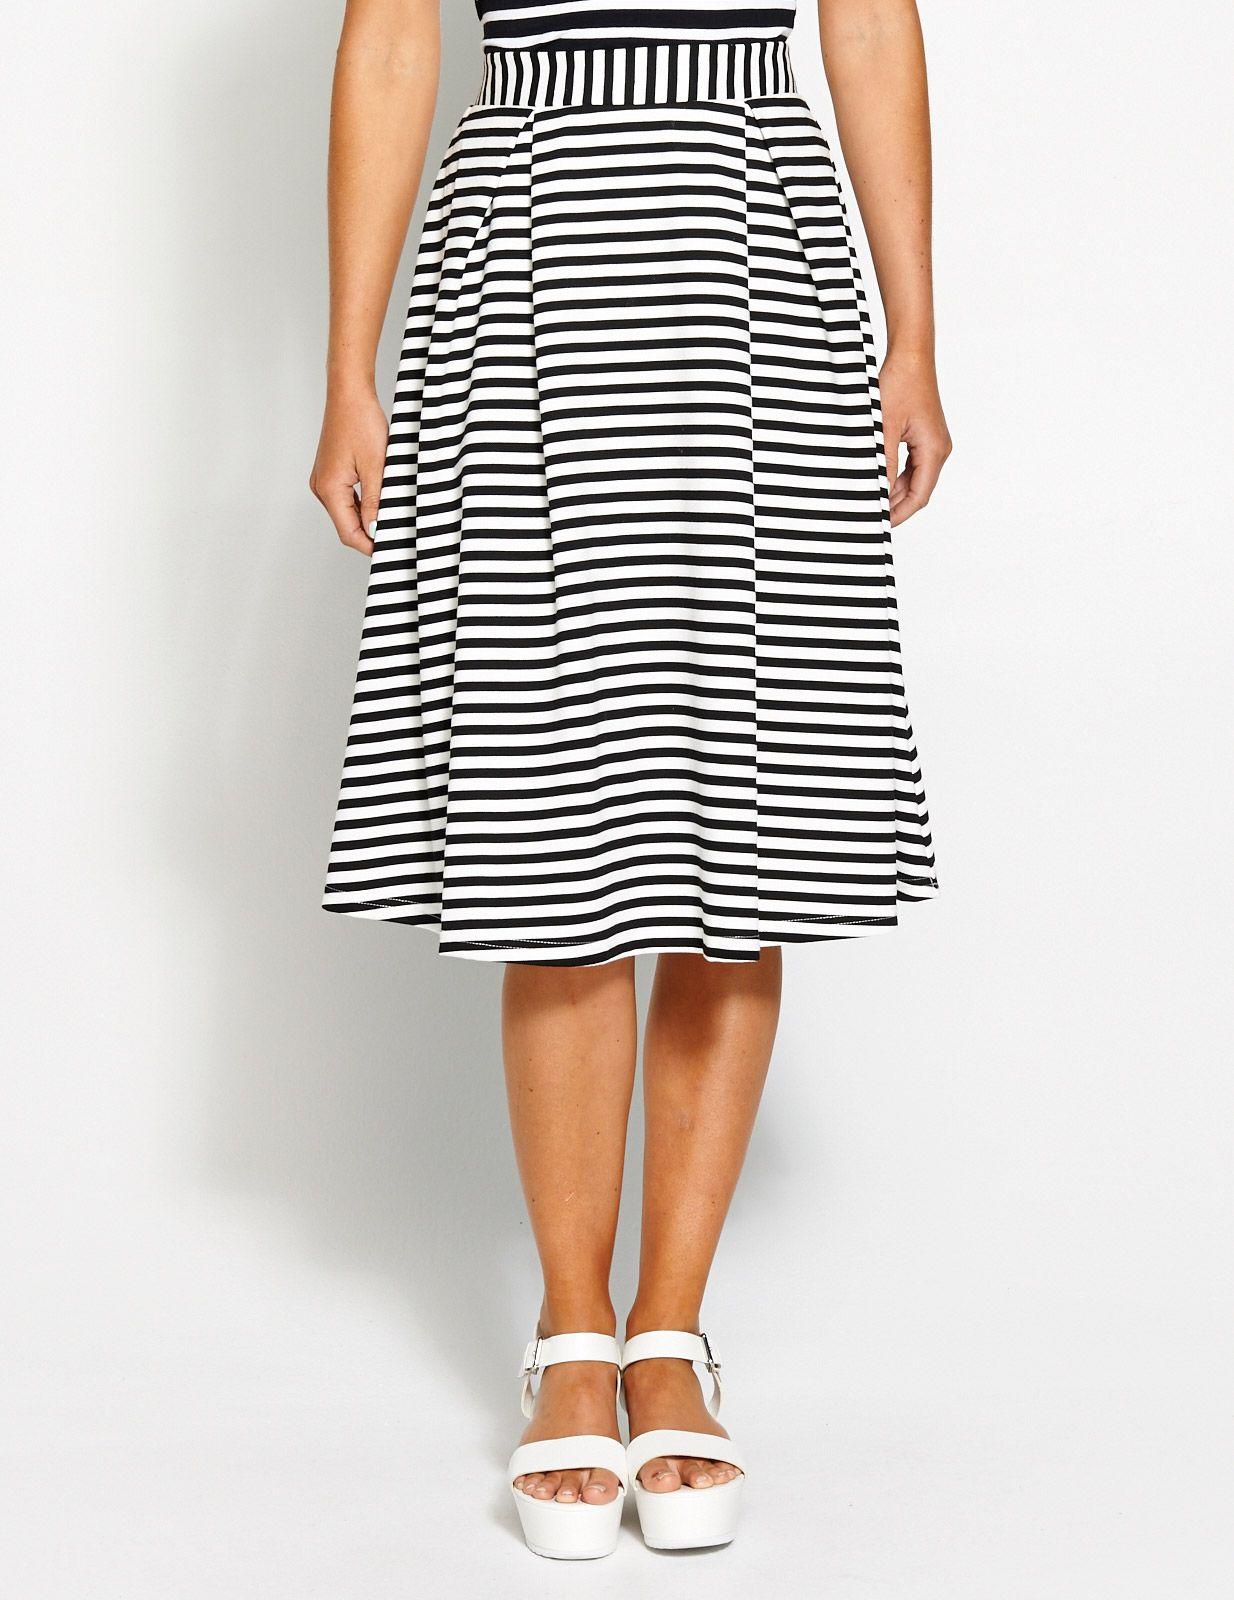 Image for Stripe Full Midi Skirt from Dotti | Brunette | Pinterest ...